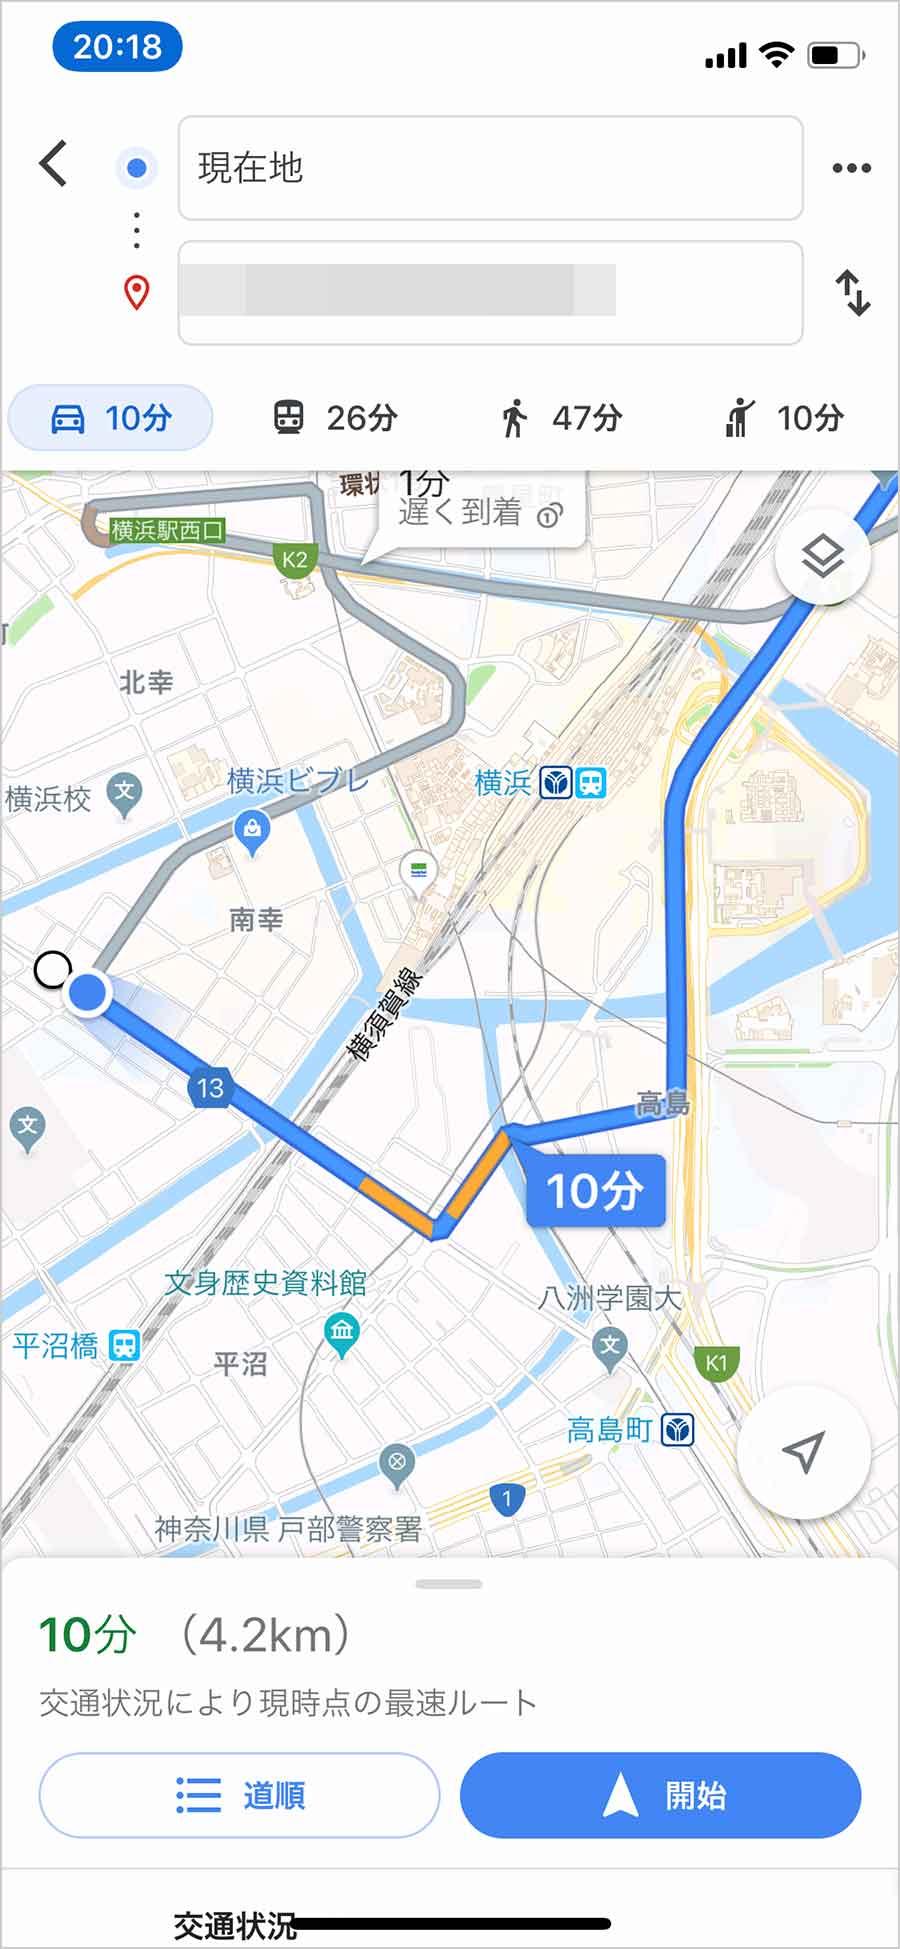 ウーバーイーツ配達でGoogleマップを使う